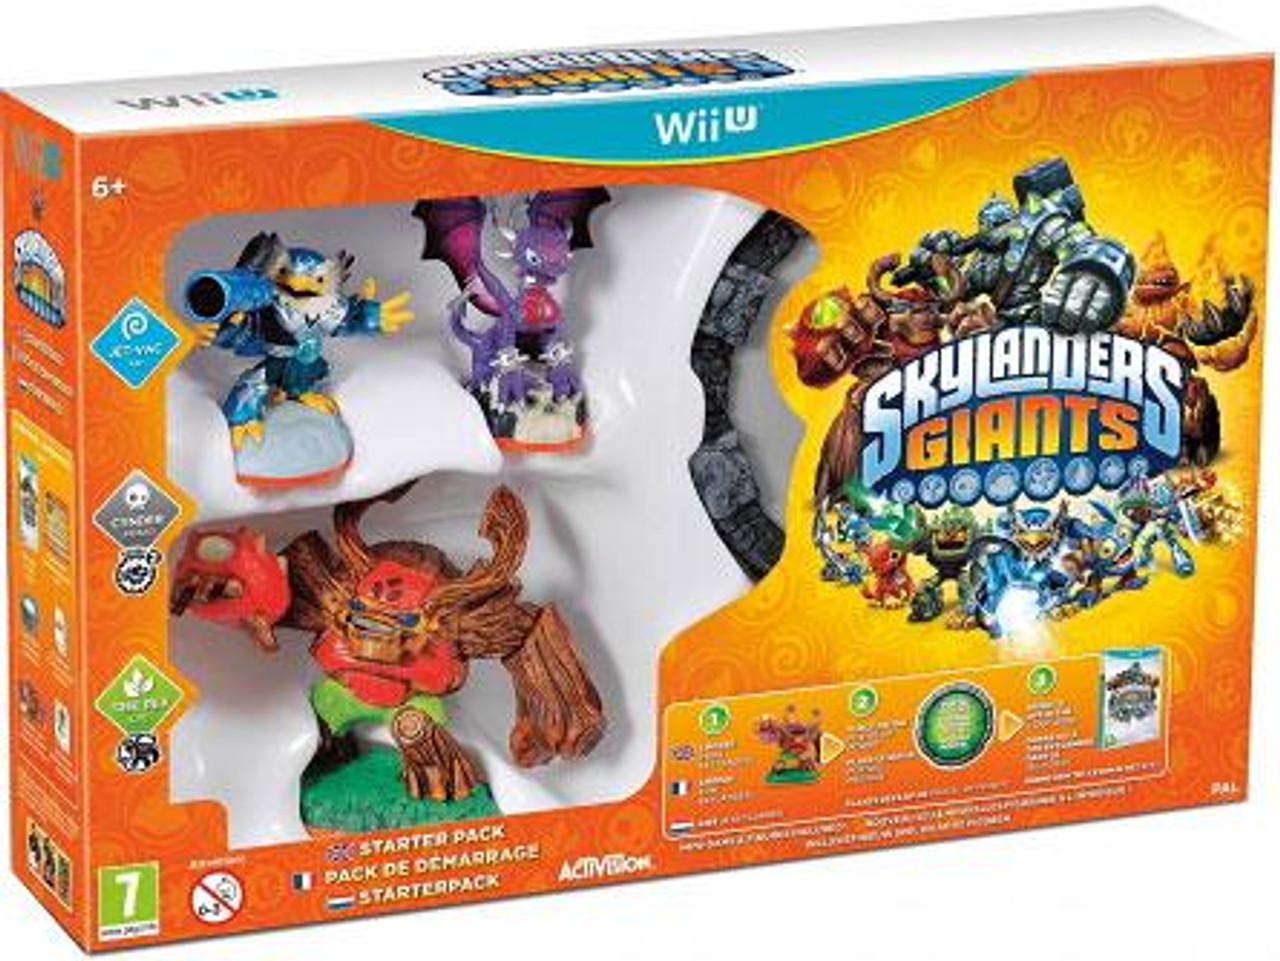 Skylanders Wii U Giants Starter Pack